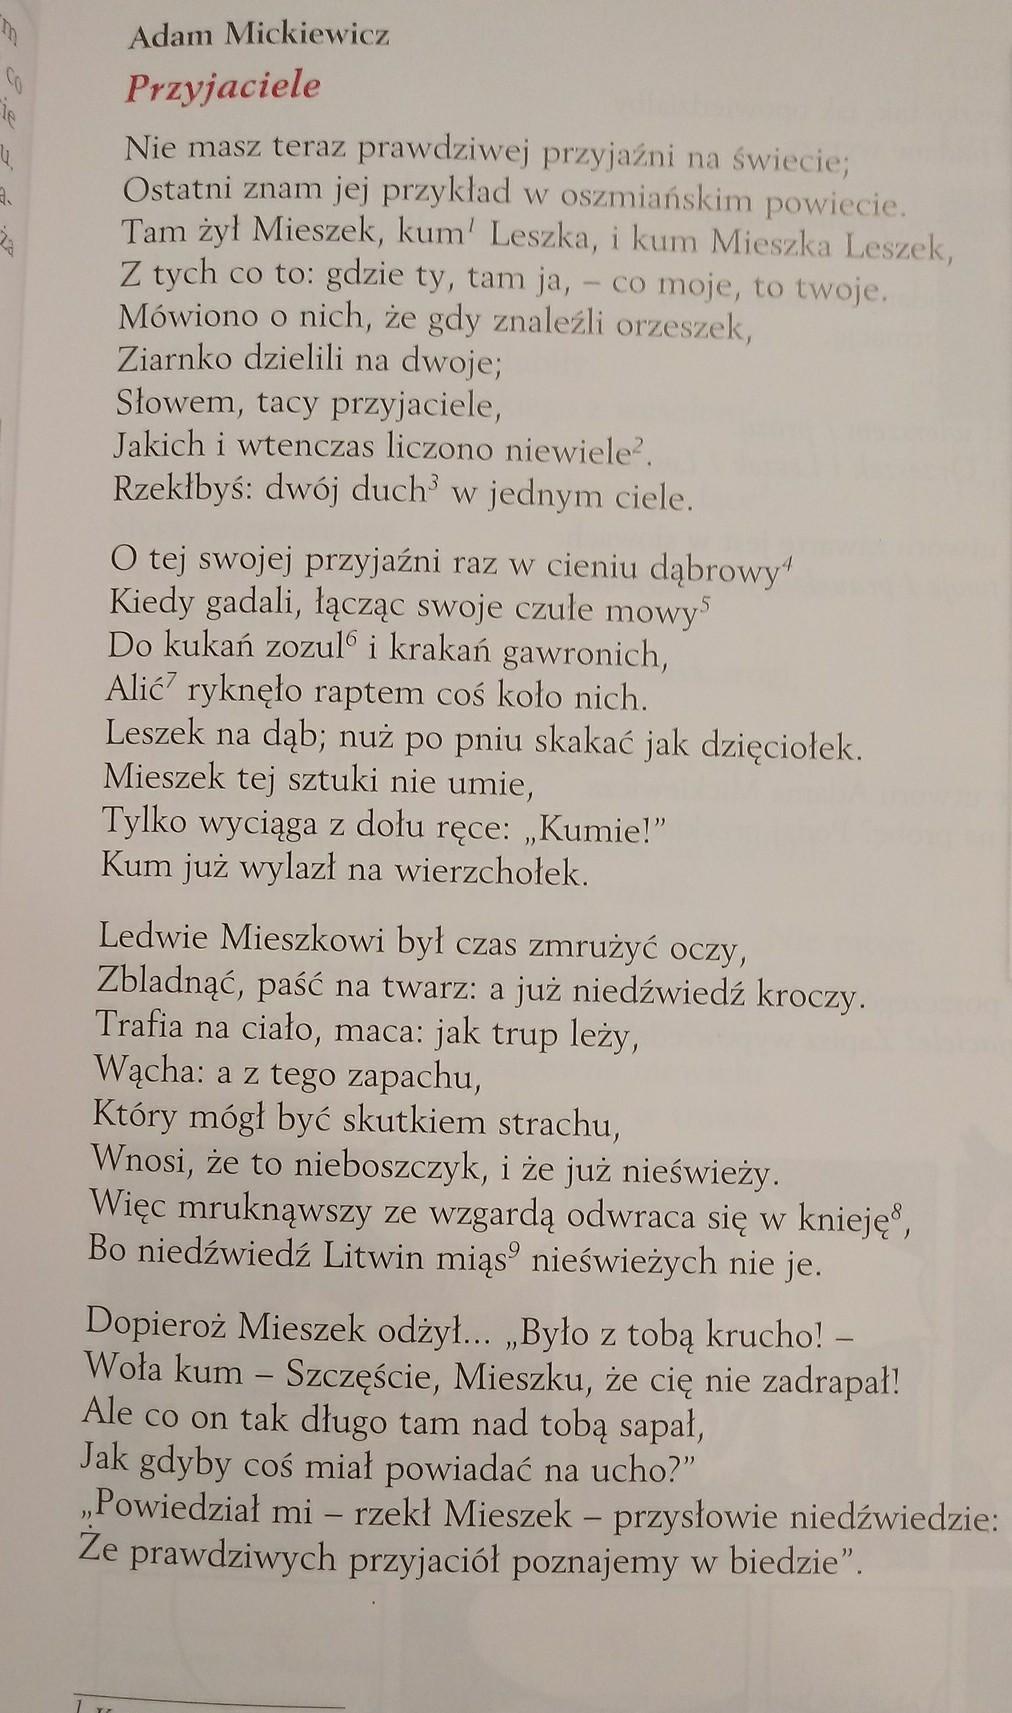 Wypisz Morał Z Wiersza Pt Przyjaciele Adama Mickiewicza W